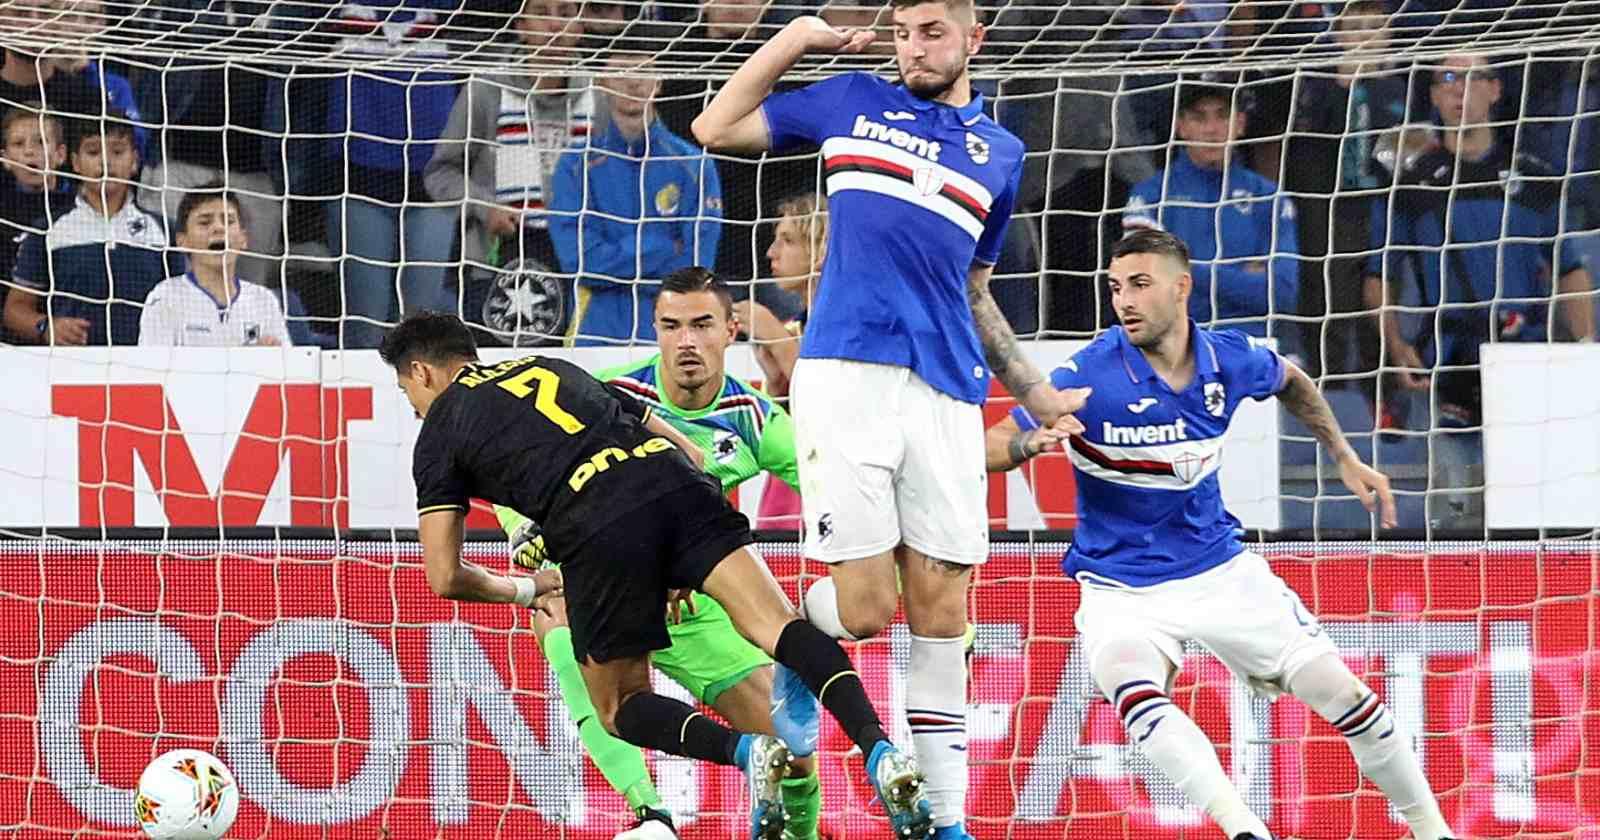 Serie A italiana ve frenado el inicio de entrenamiento en grupos